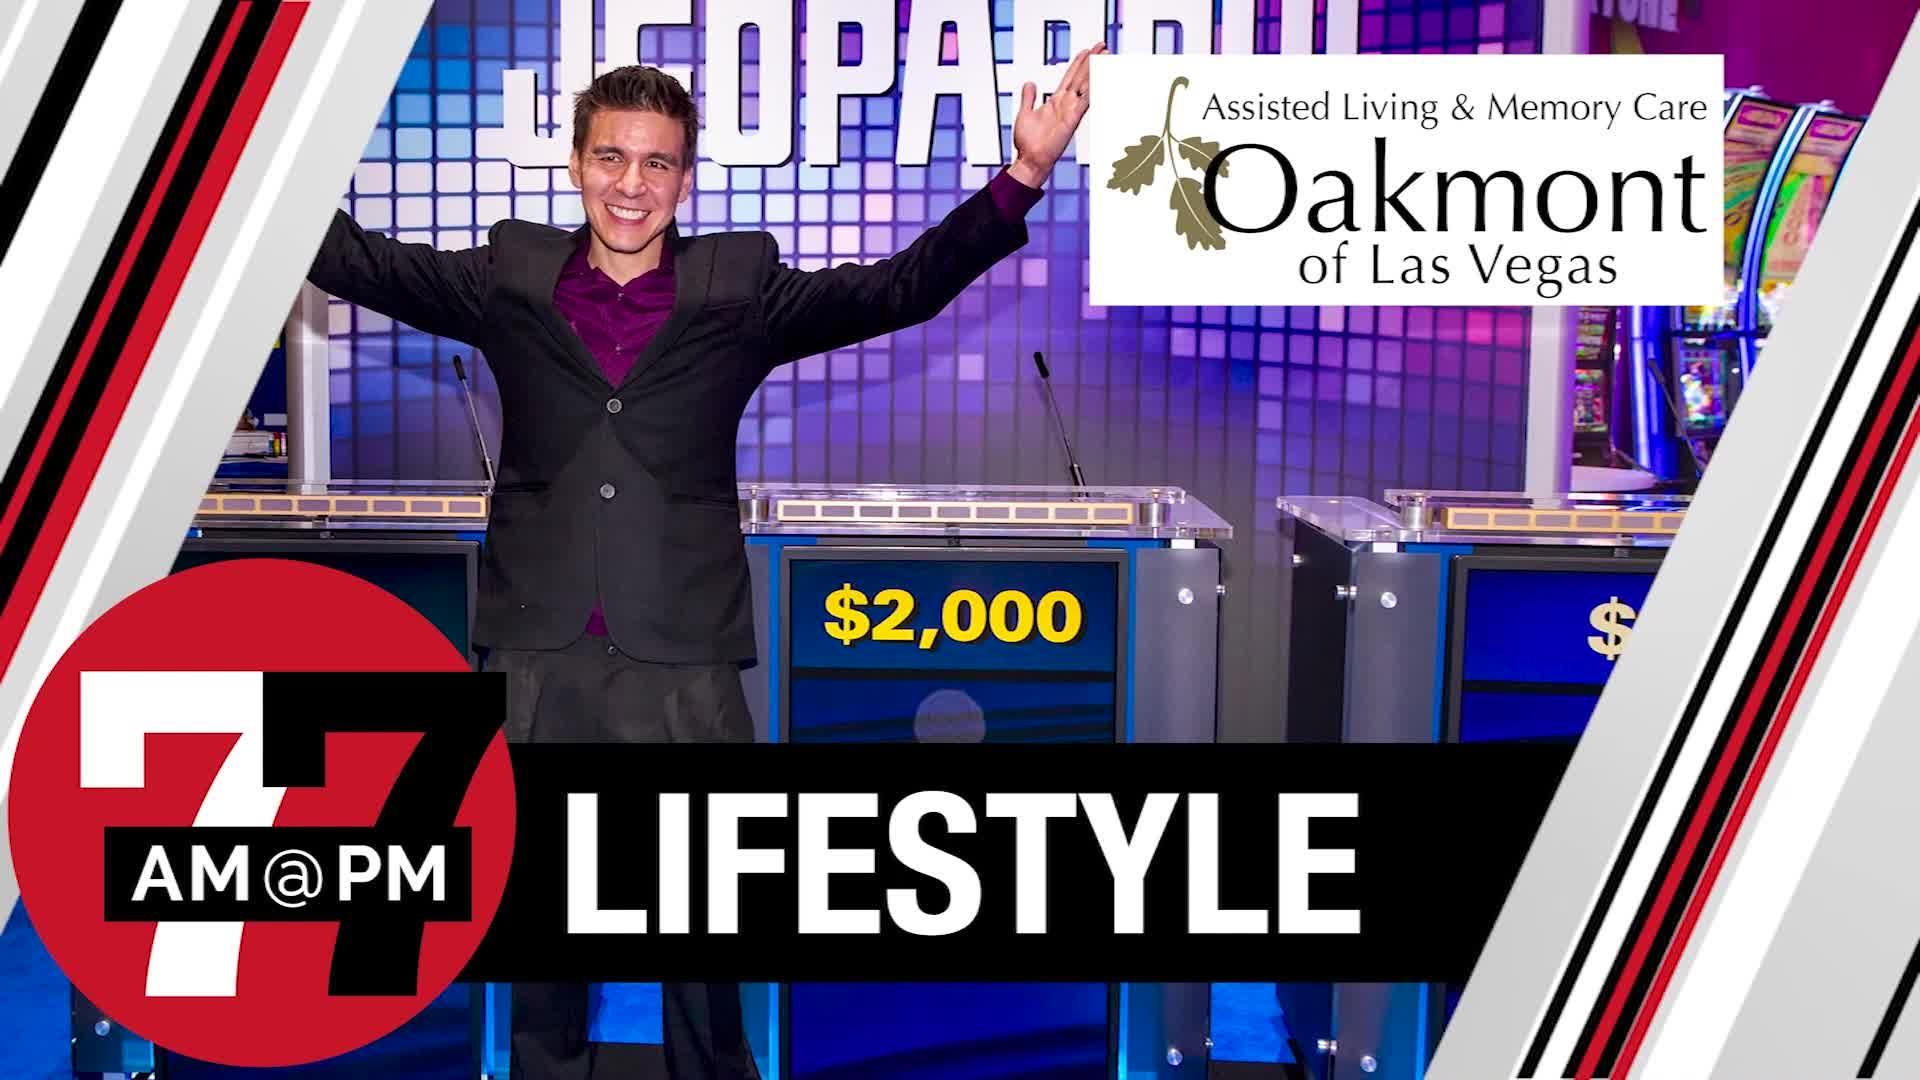 7@7PM 128K Win on Usher-Branded Poker Table